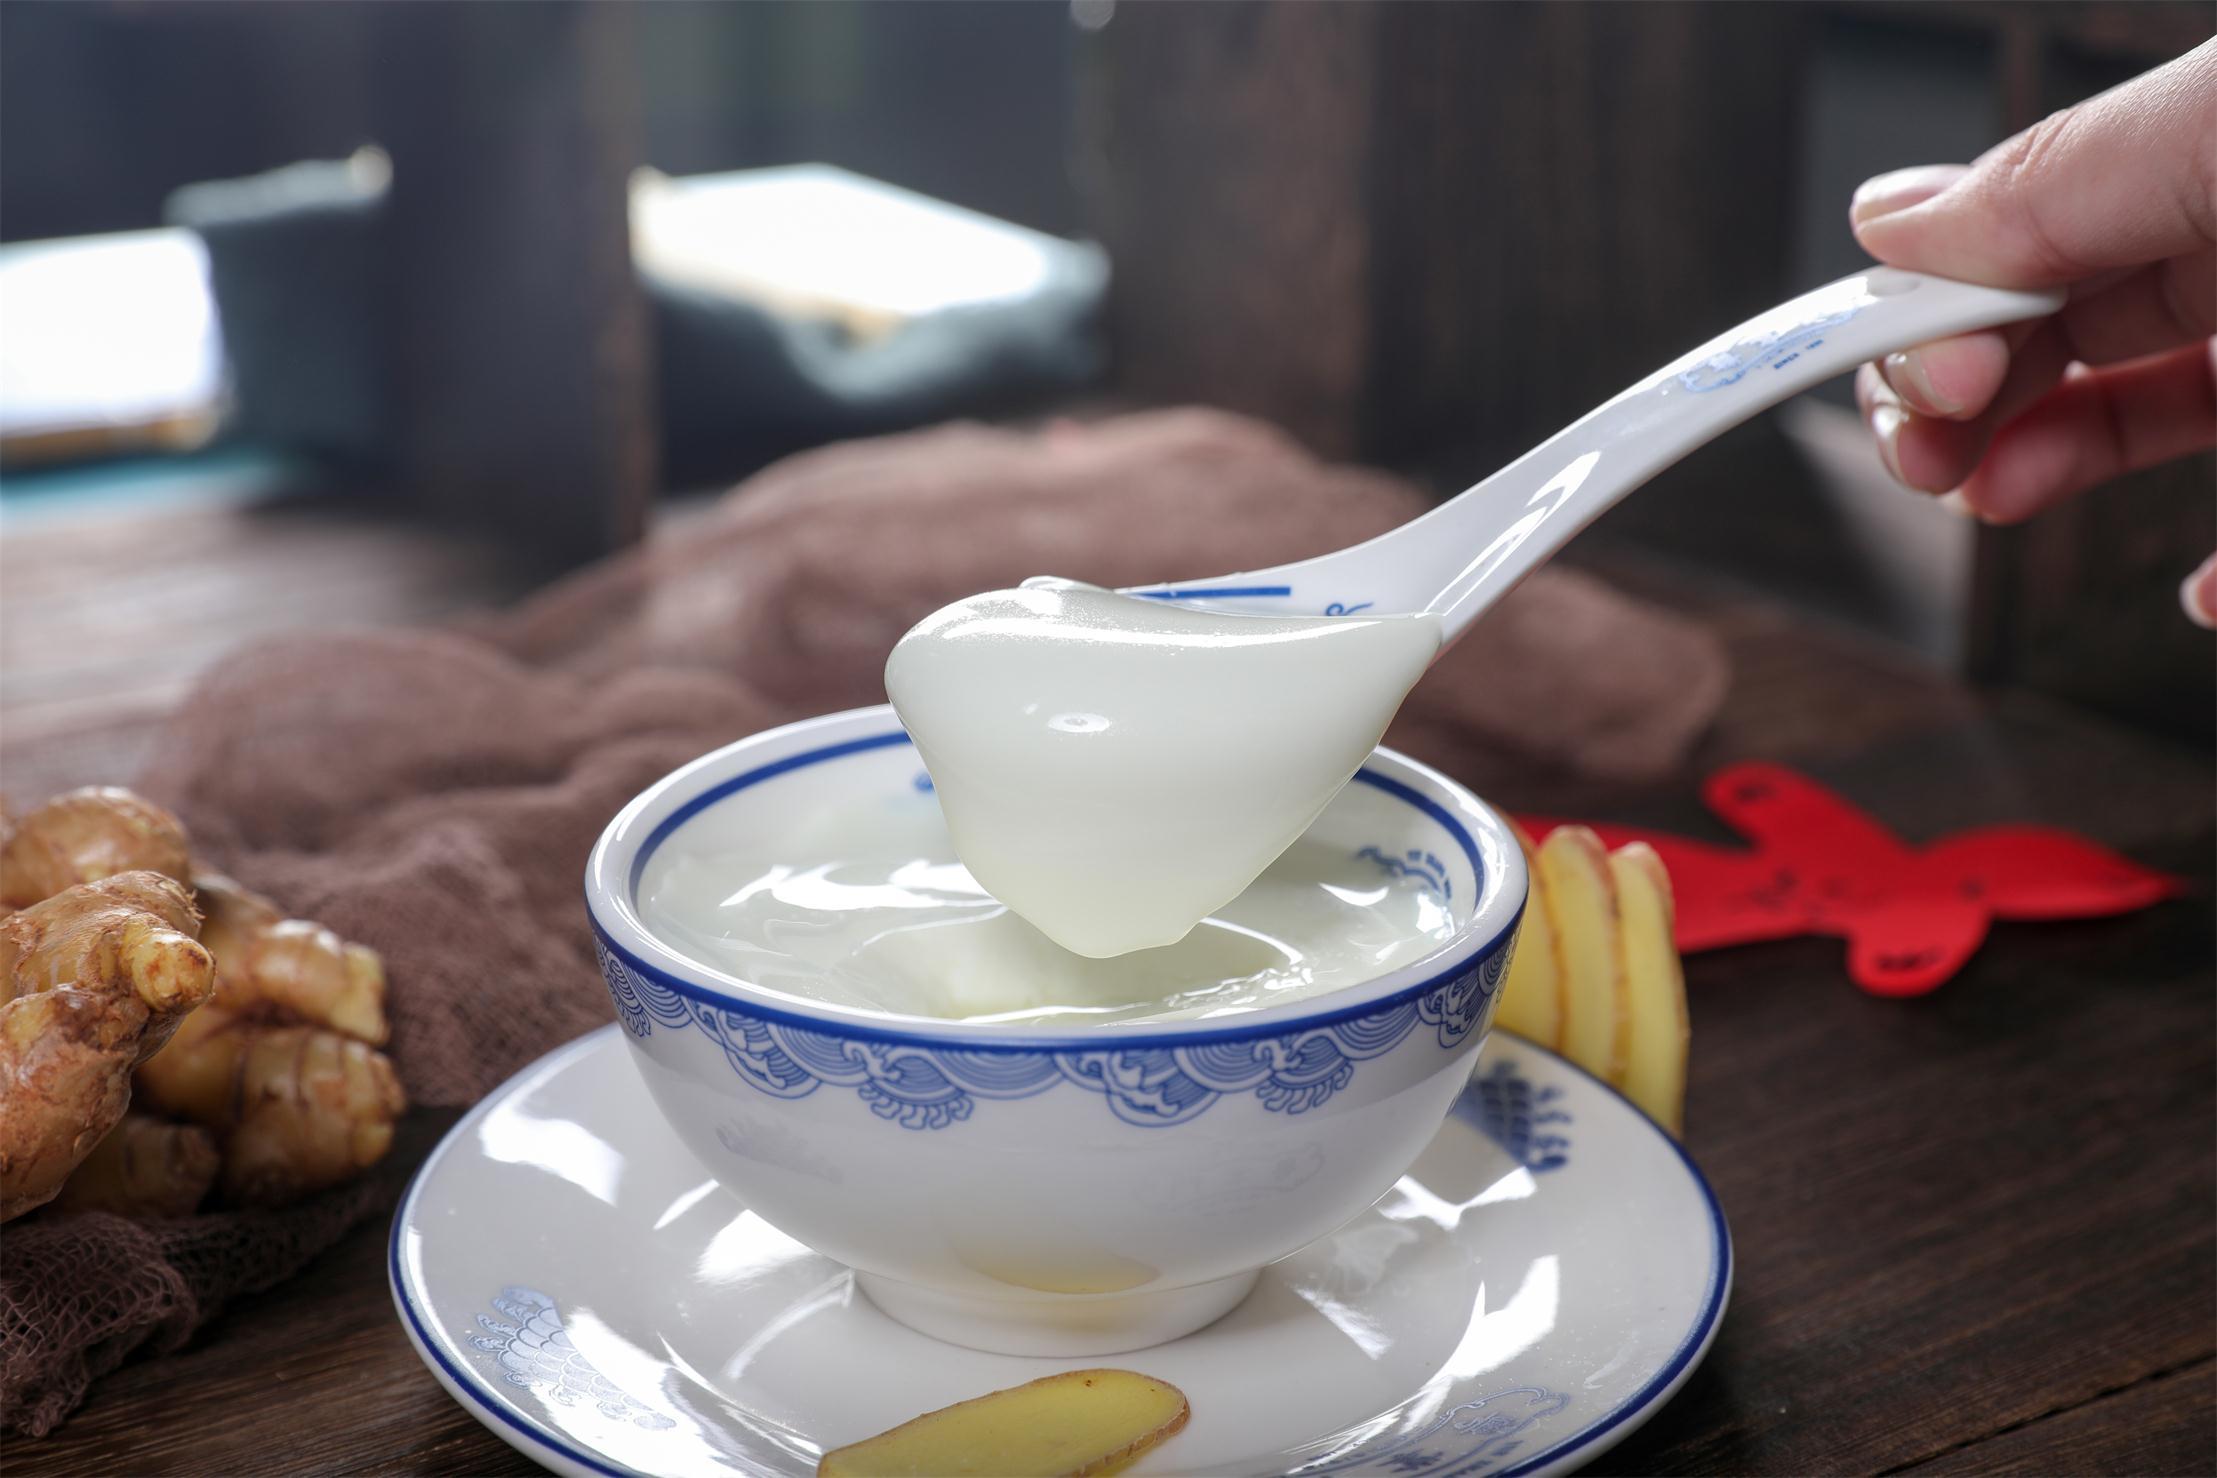 起源于南方的粤式糖水在北方是否有市场?是否值得投资?